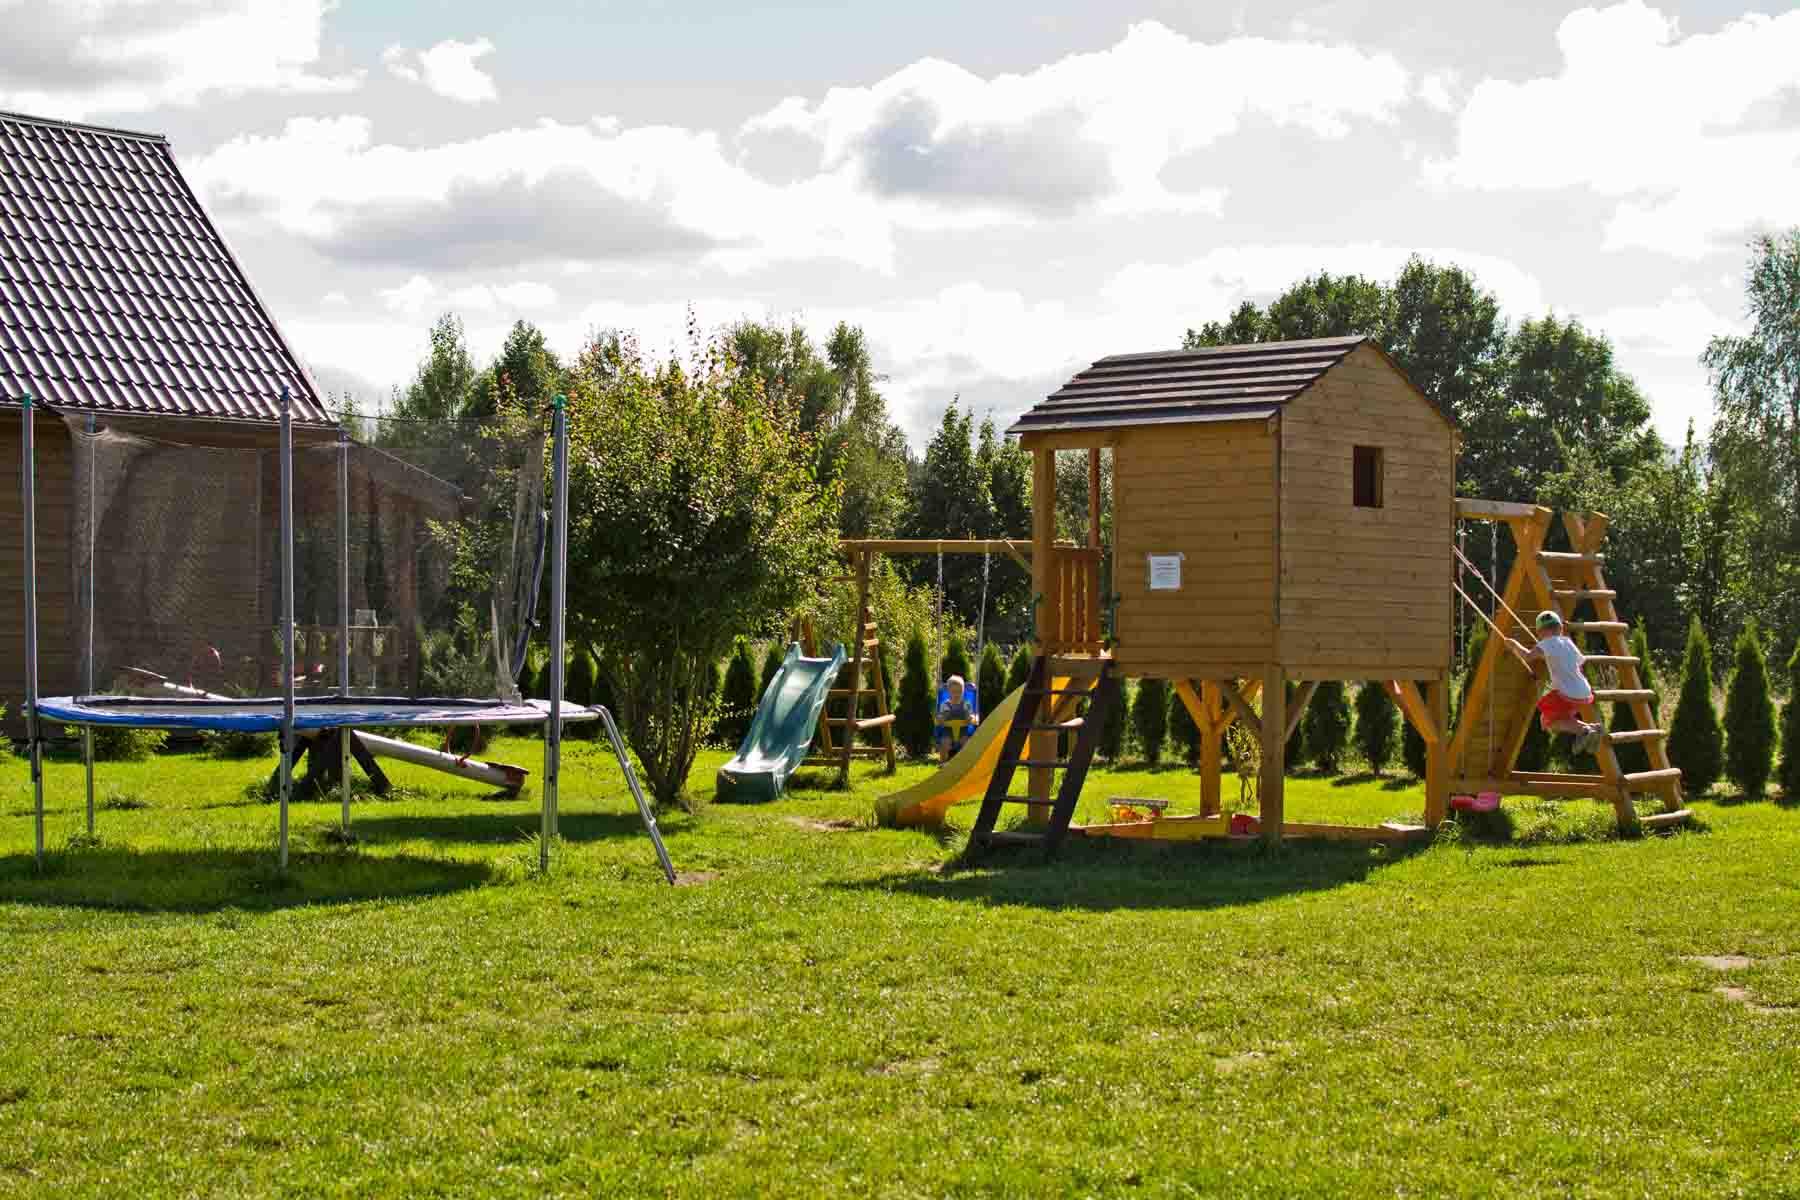 Plac zabaw dla dzieci z domkiem, piaskownicą, trampolinami oraz huśtawkami